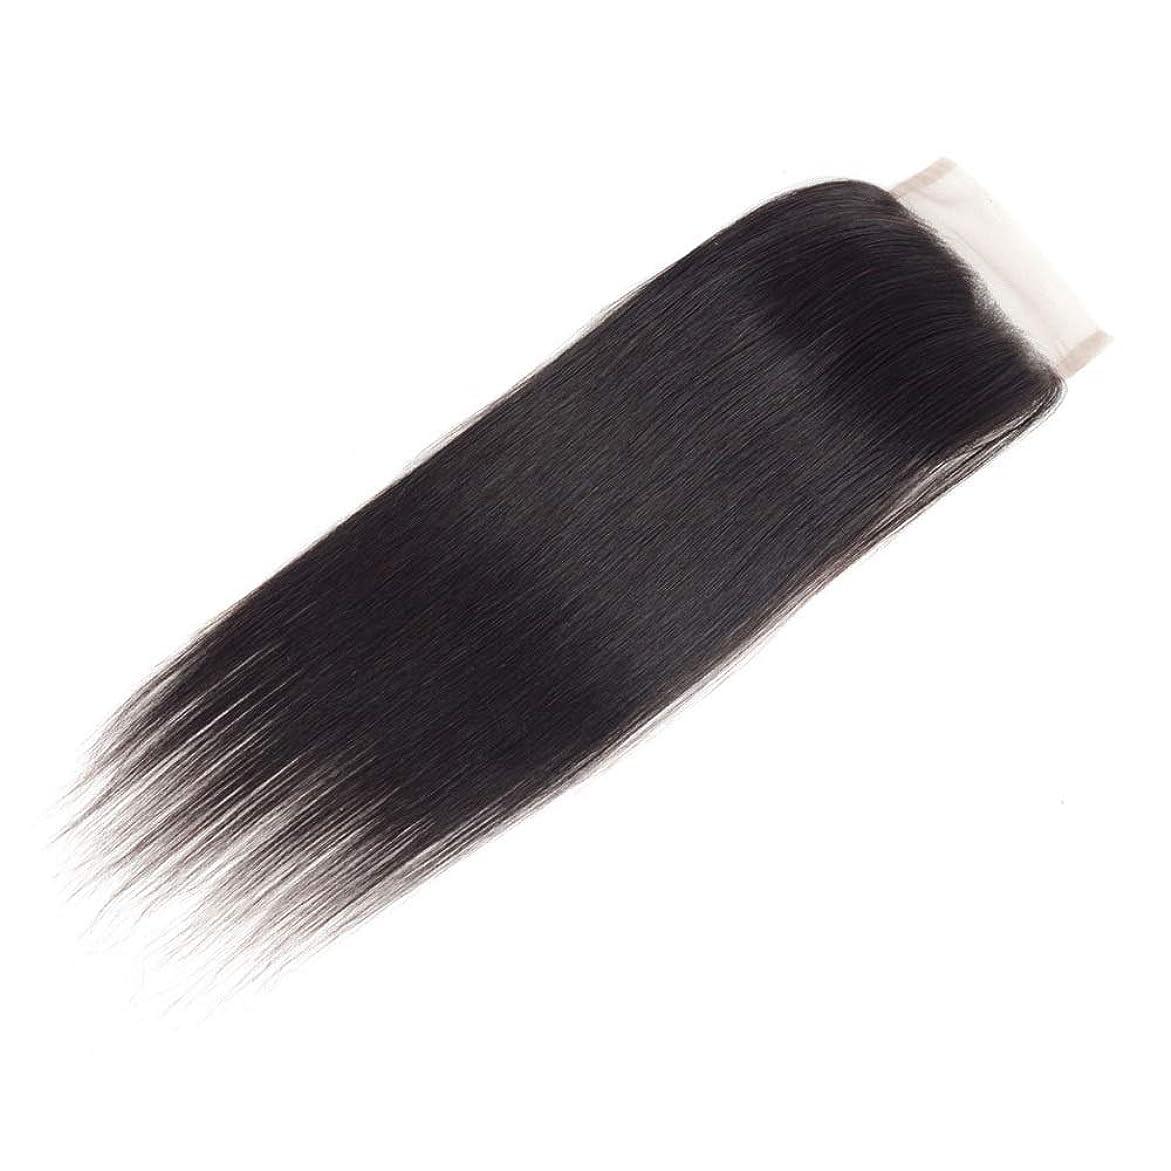 話をするねばねば土器YESONEEP ナチュラルカラーストレートヘアブラジル人毛4×4レース前頭閉鎖無料パート用女性ロングストレートヘアウィッグ (Color : ブラック, サイズ : 16 inch)